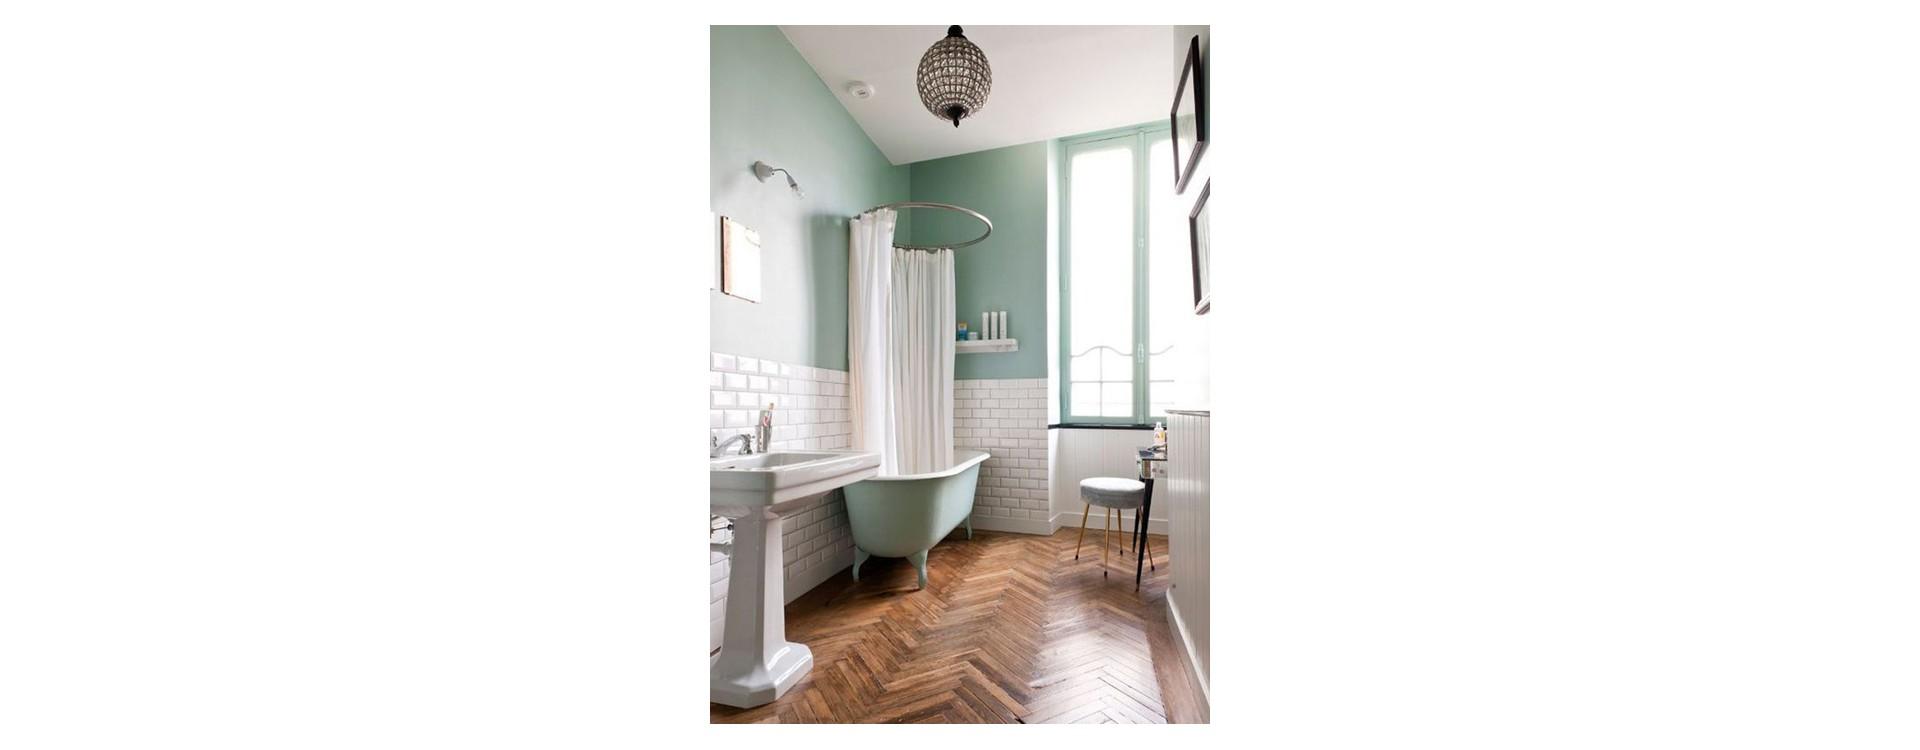 Rideau de douche et baignoire sur pieds - La solution tringle rideau ...